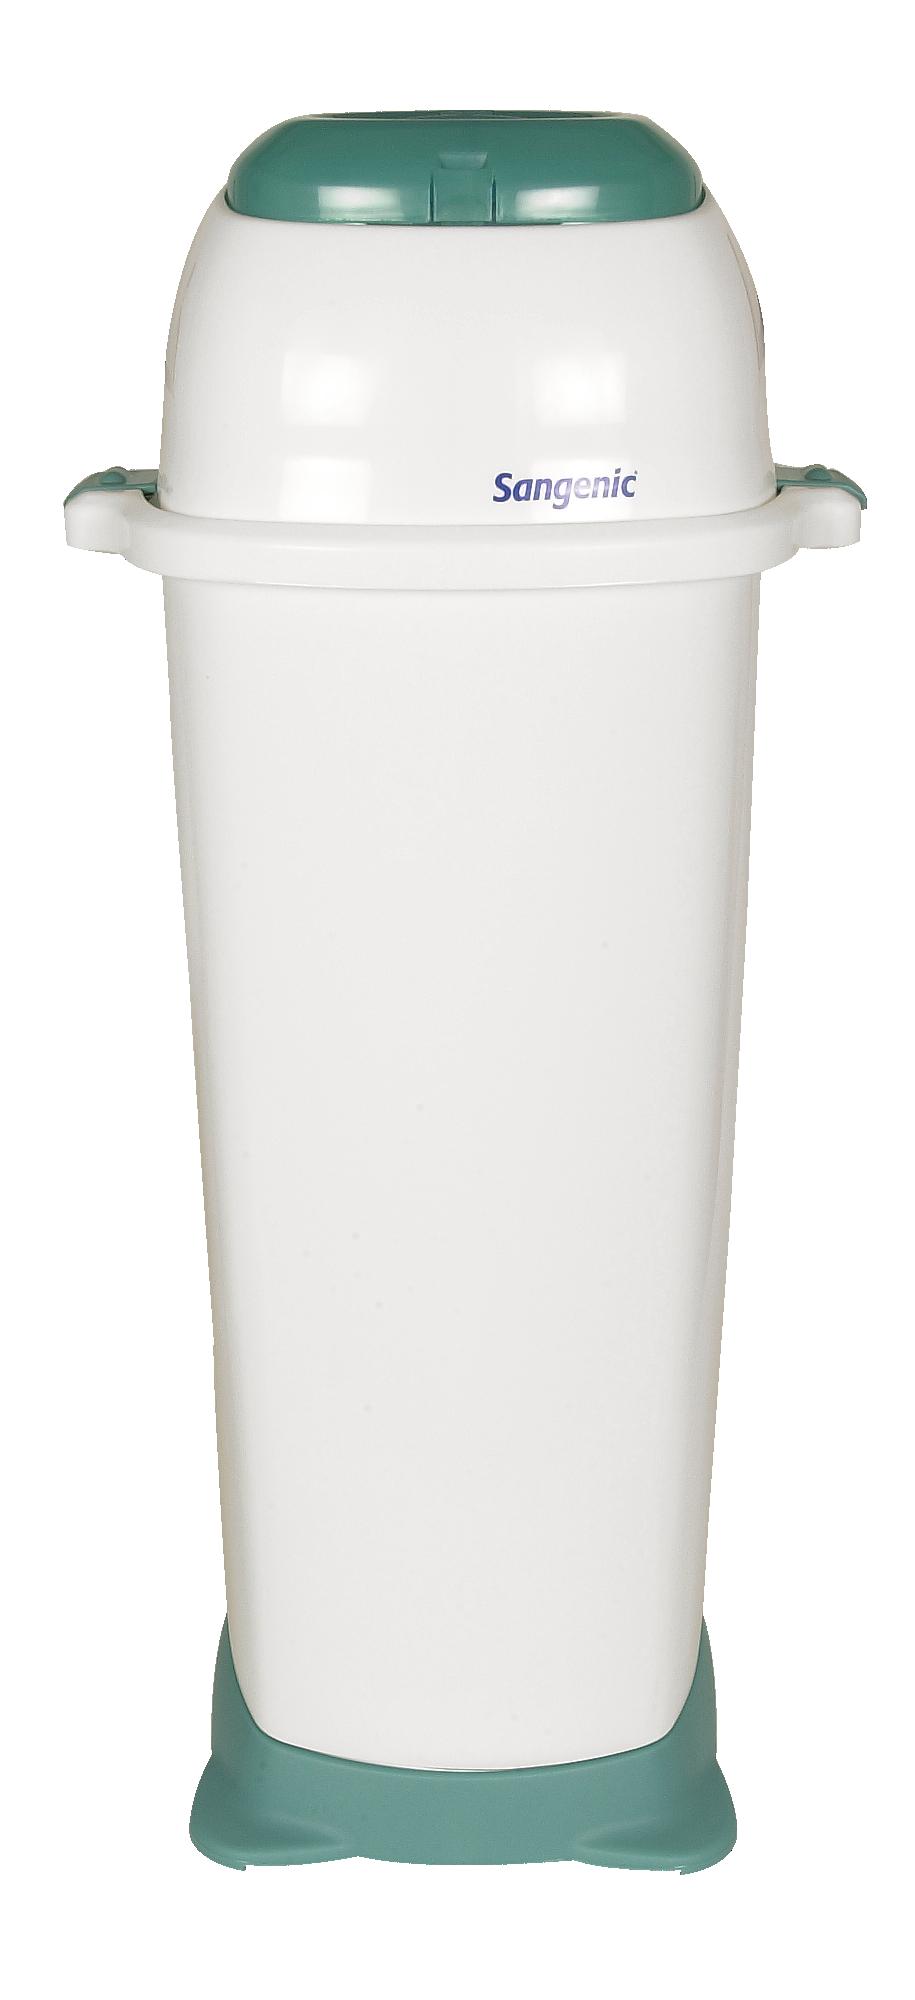 Easiseal Entsorgungssystem für Babywindeln, grün/weiß, 36 Liter